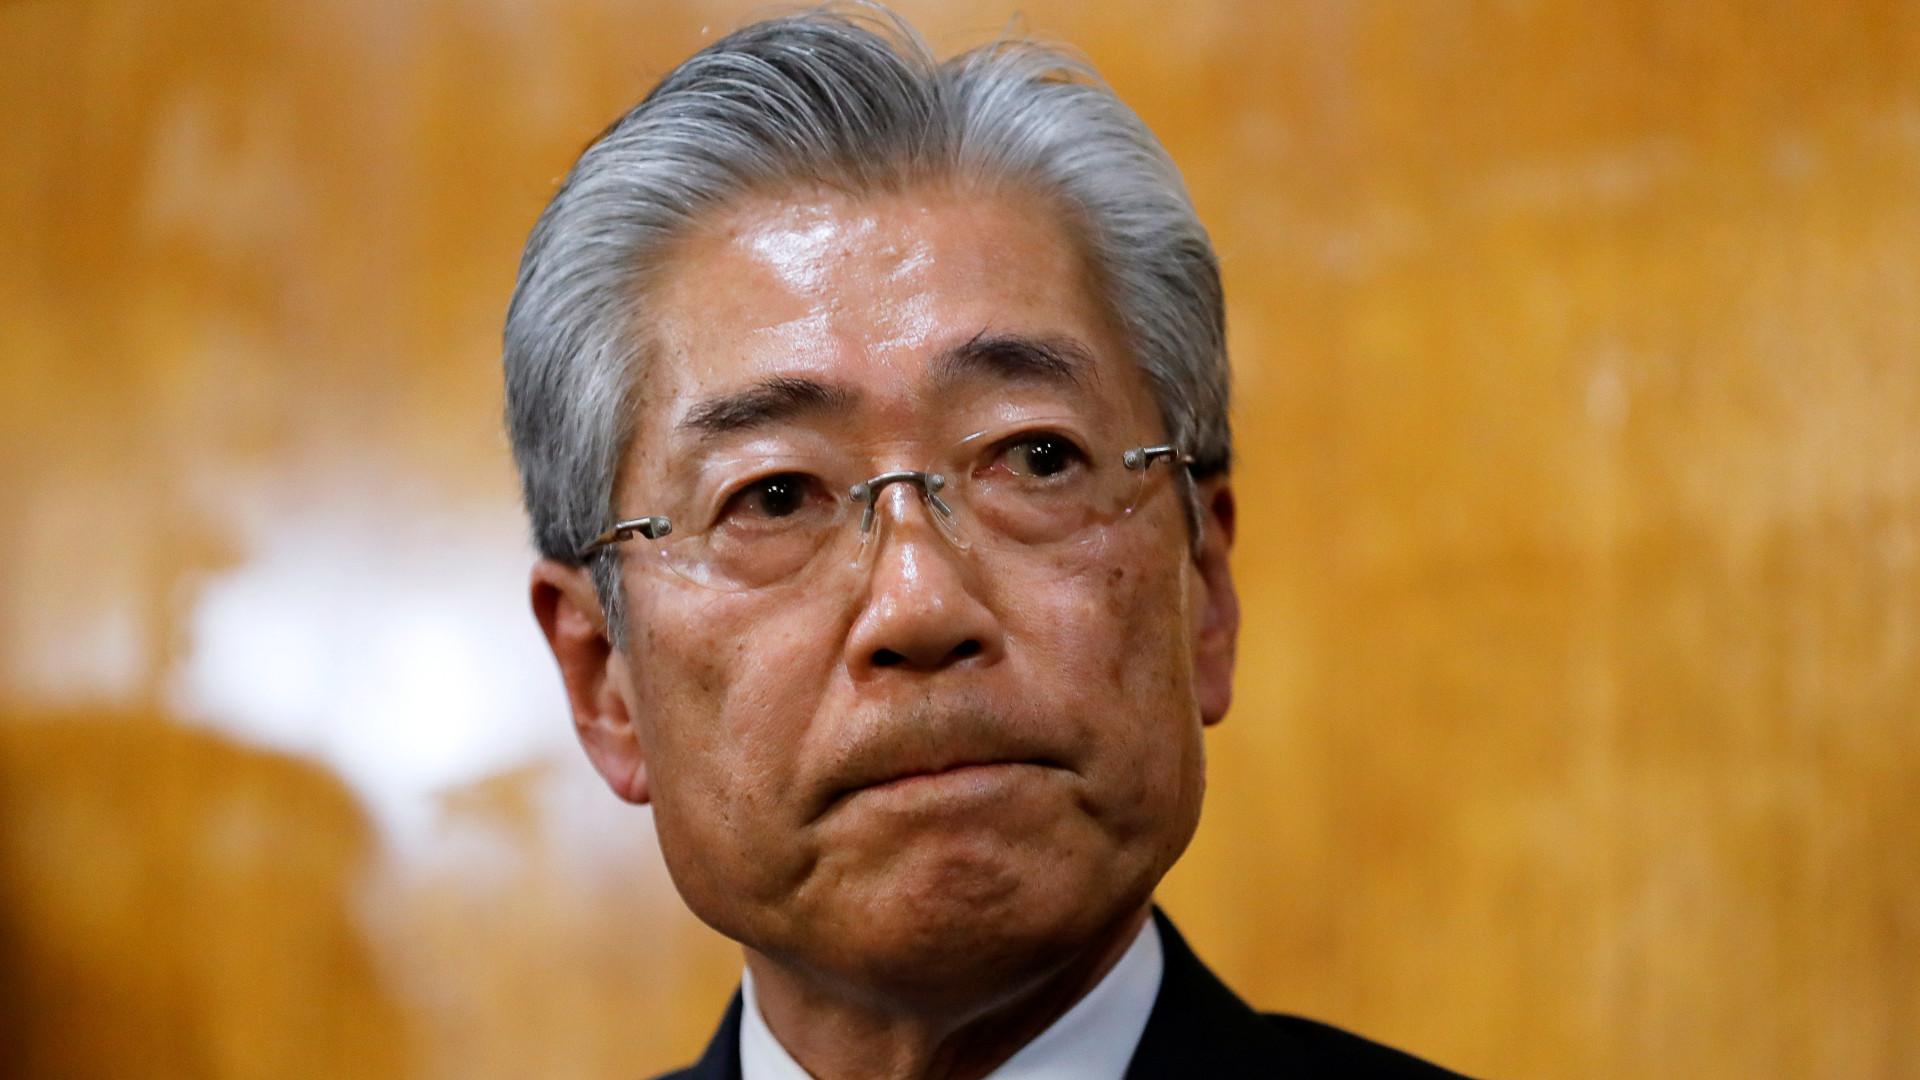 Escândalo que derrubou Nuzman força queda de líder de Tóquio-2020